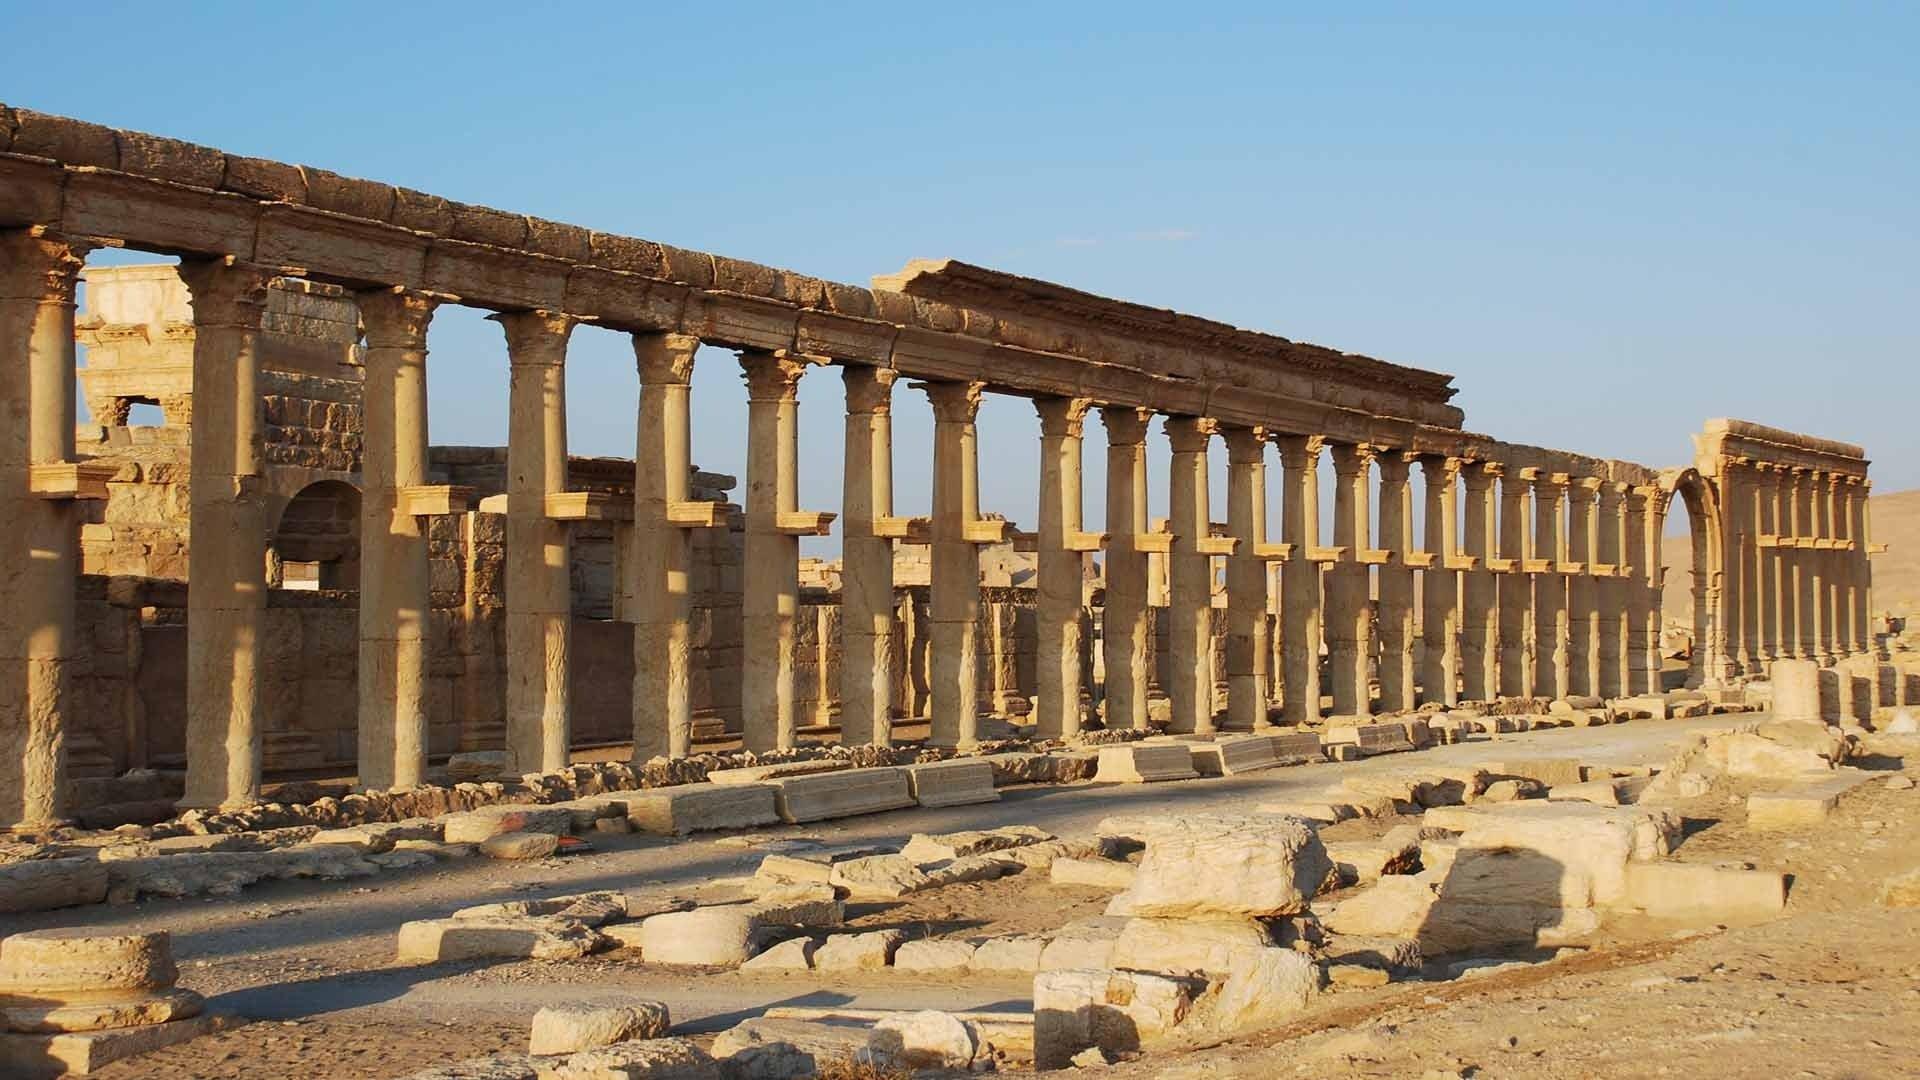 palmyra_syria-1920x1080.jpg